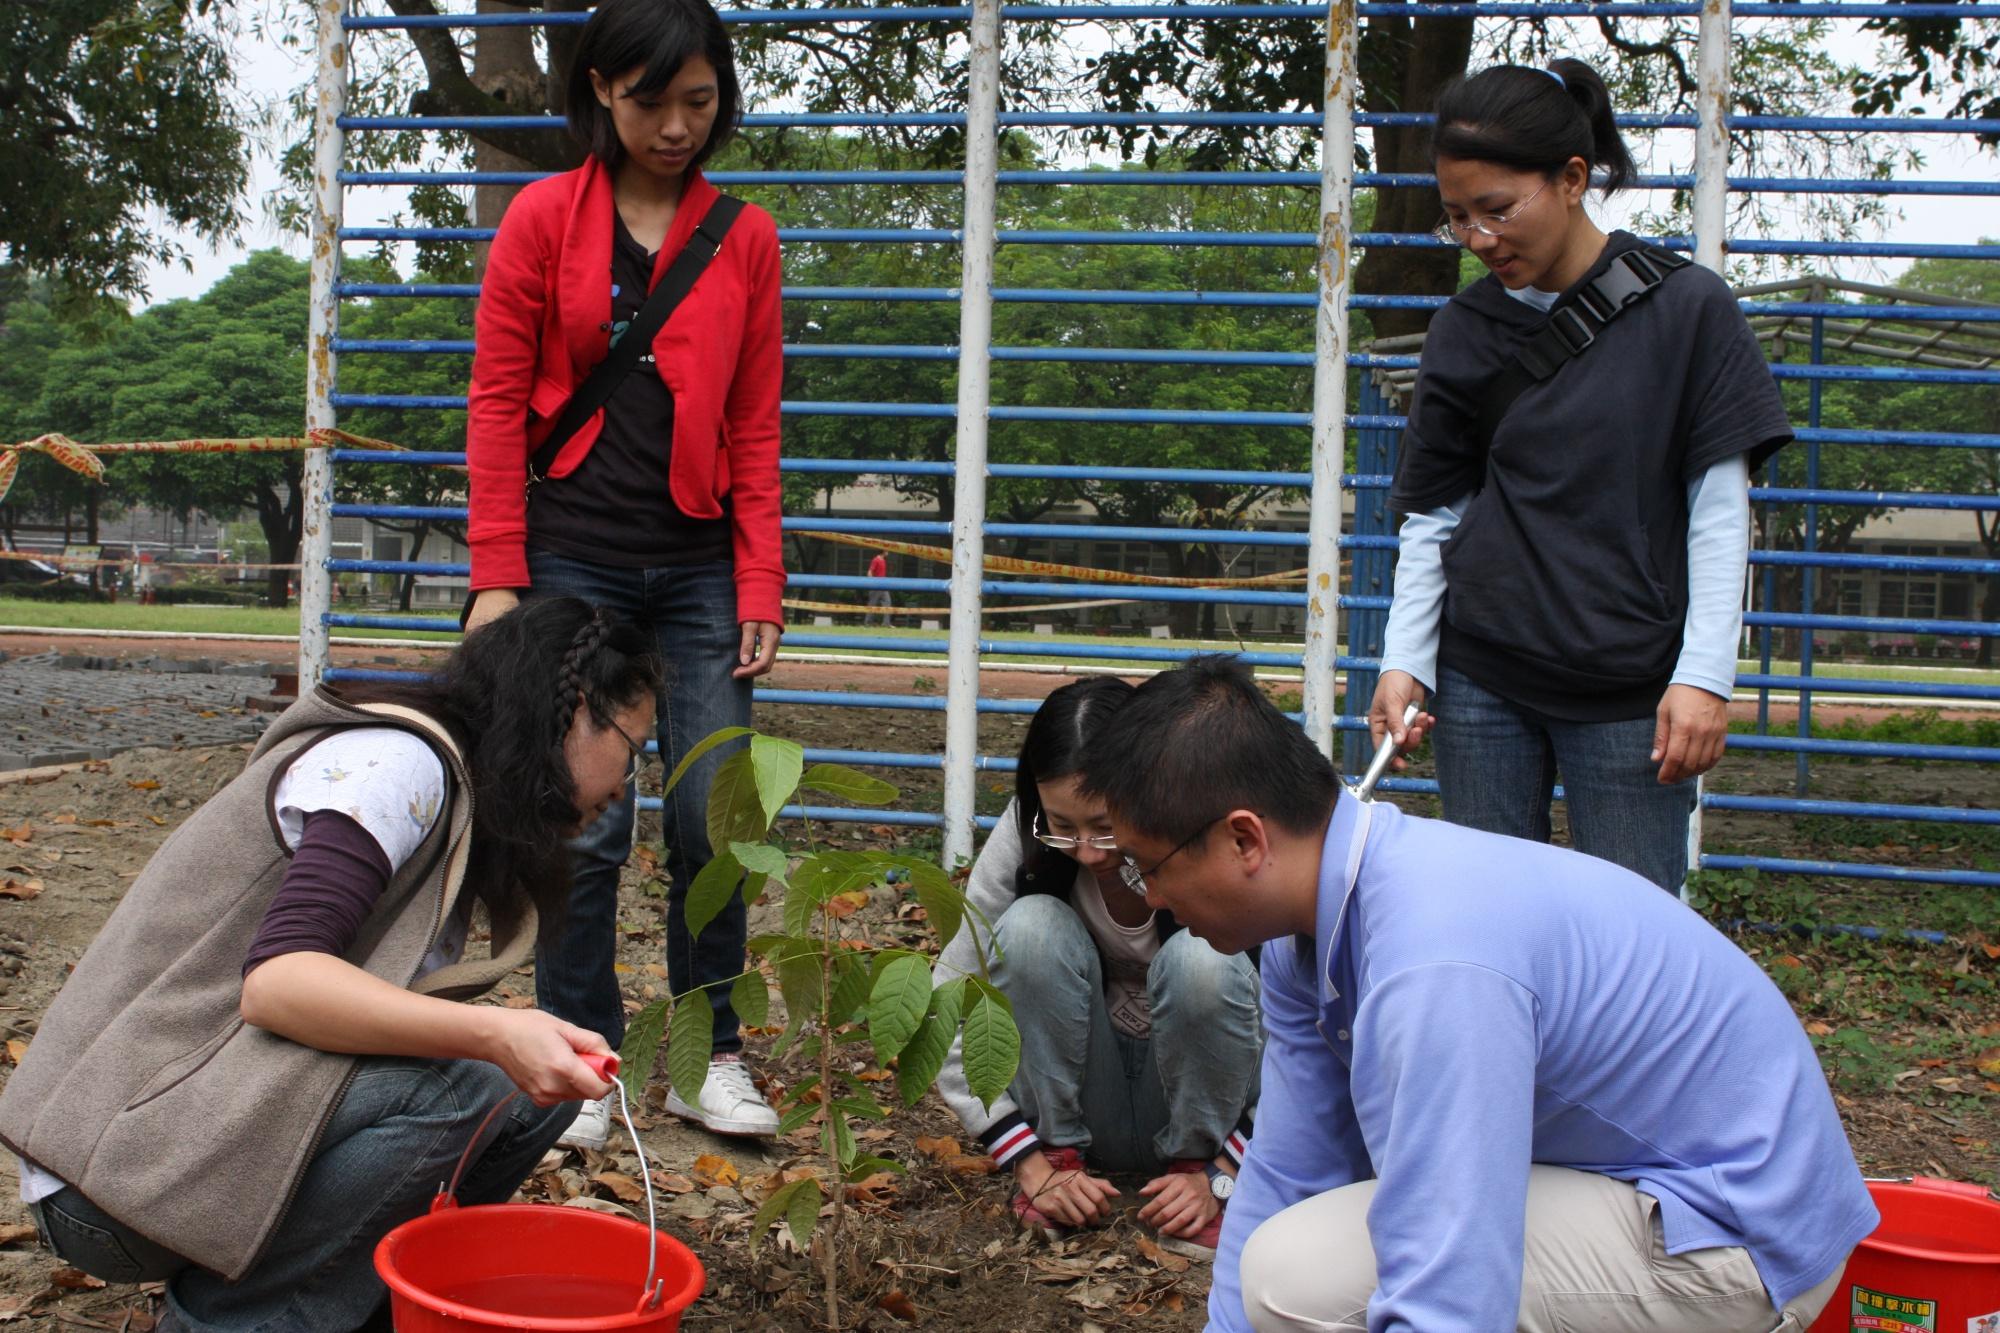 觀樹教育基金會成員在本館種下一棵黃金蝙蝠的棲樹